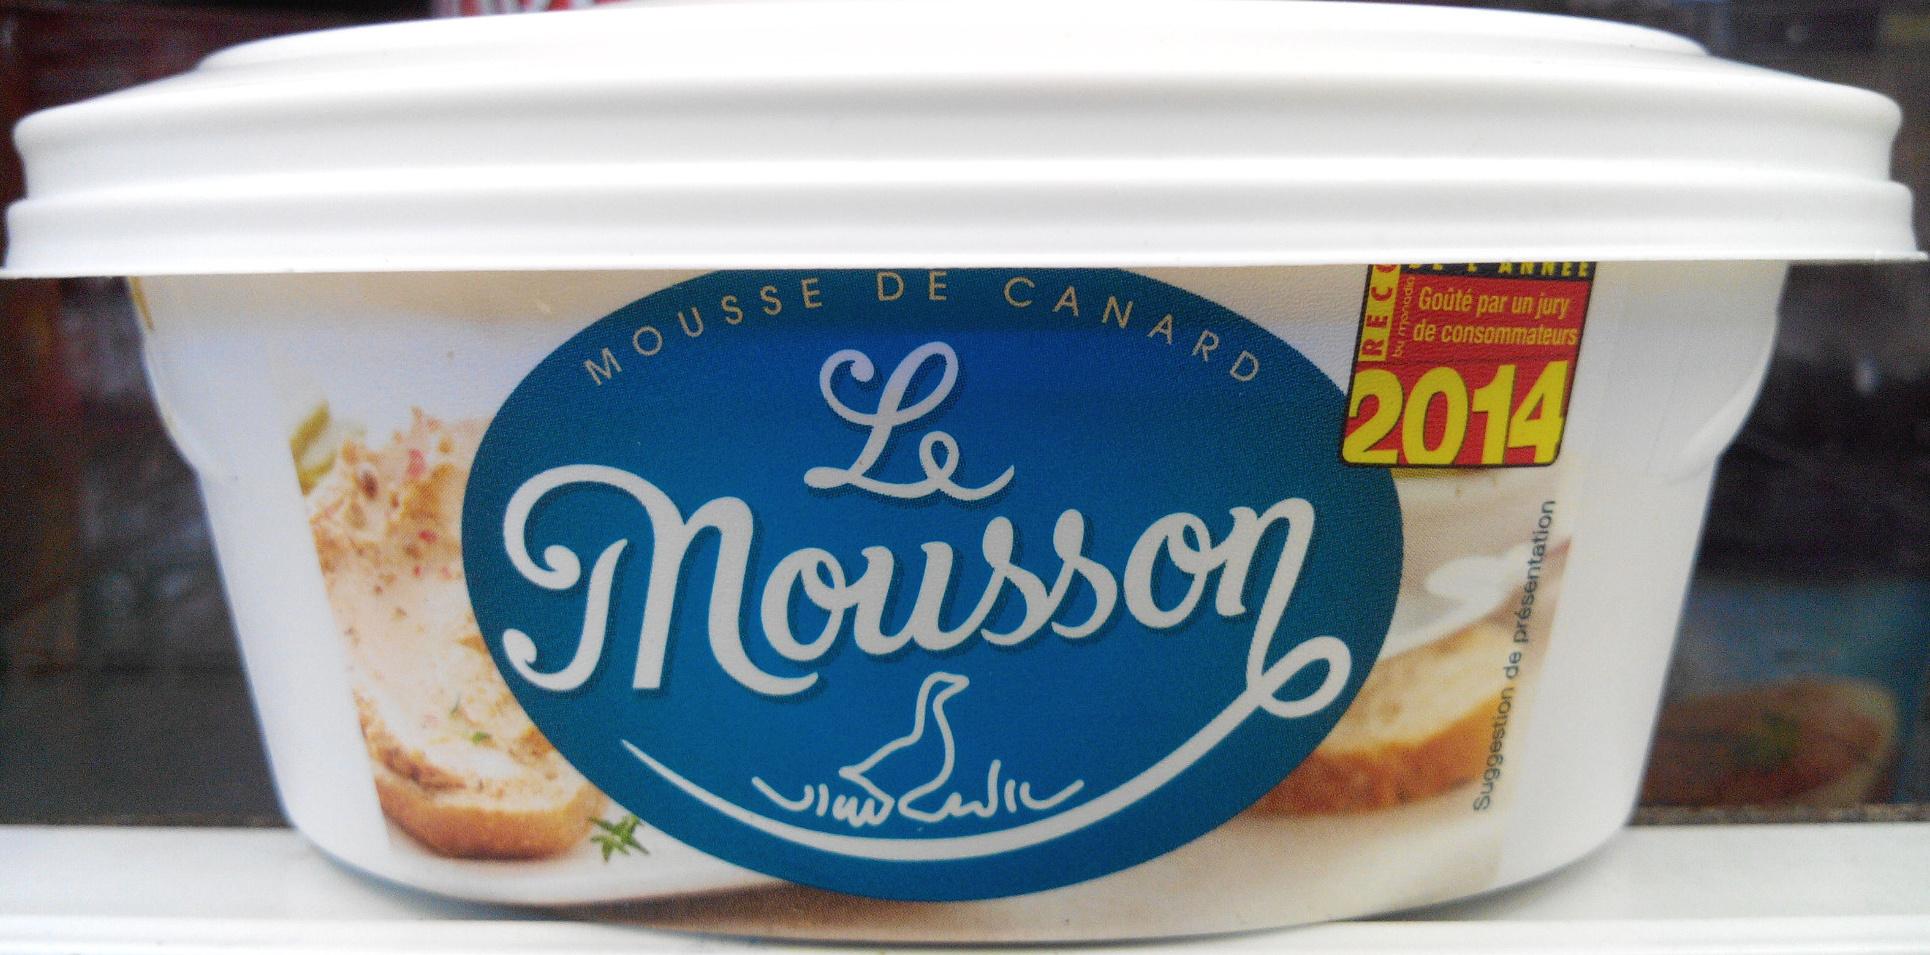 Mousse de Canard - Product